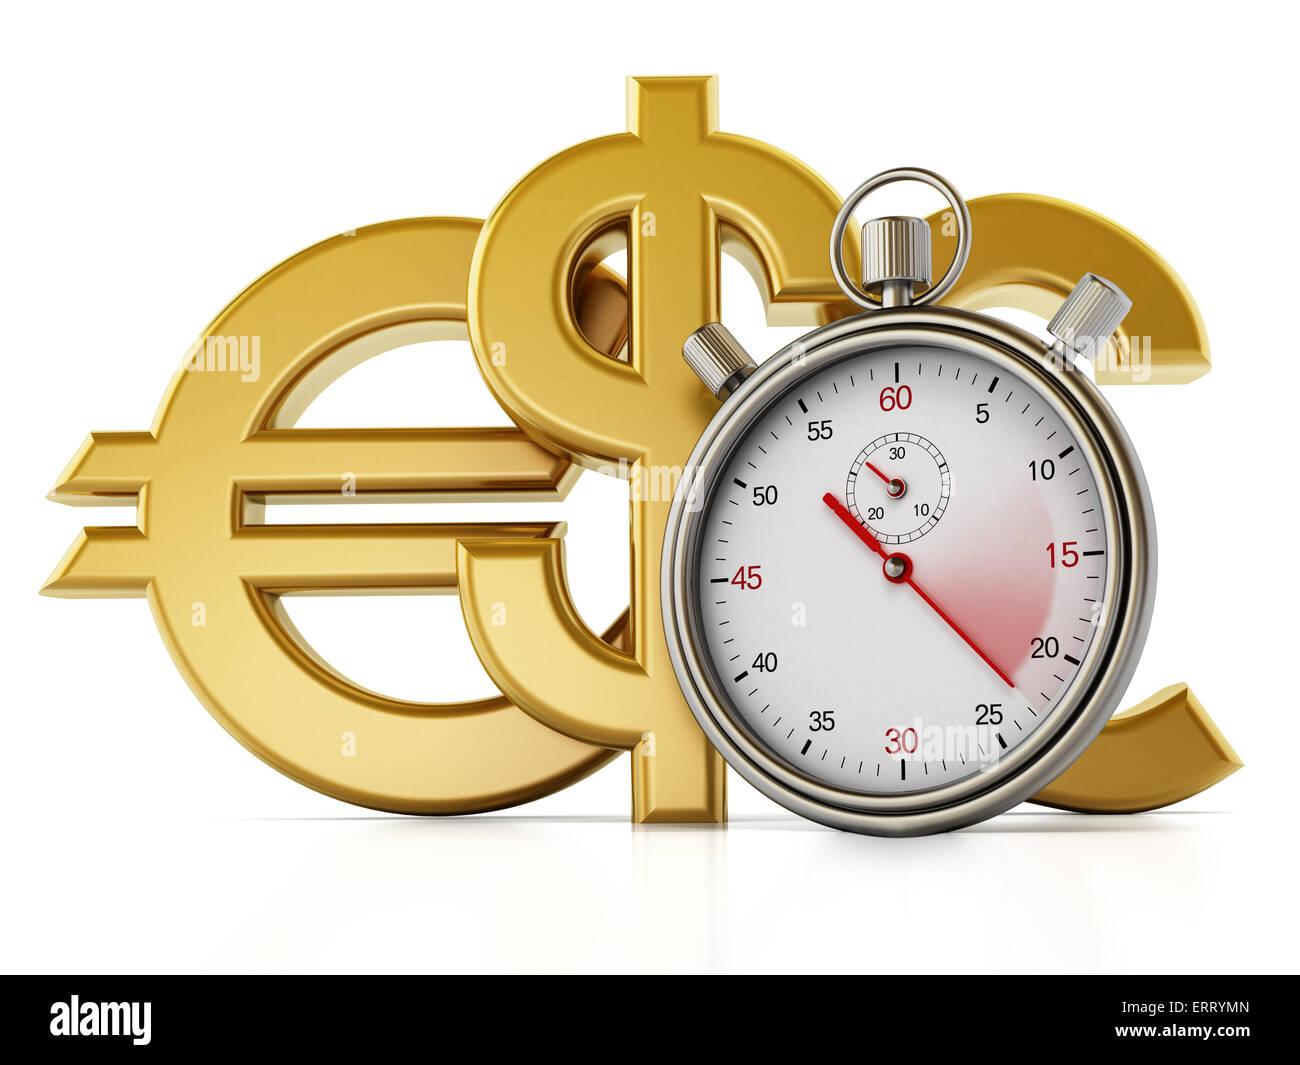 Analogue chronometer, dollar,euro and pound symbols isolated on white background - Stock Image